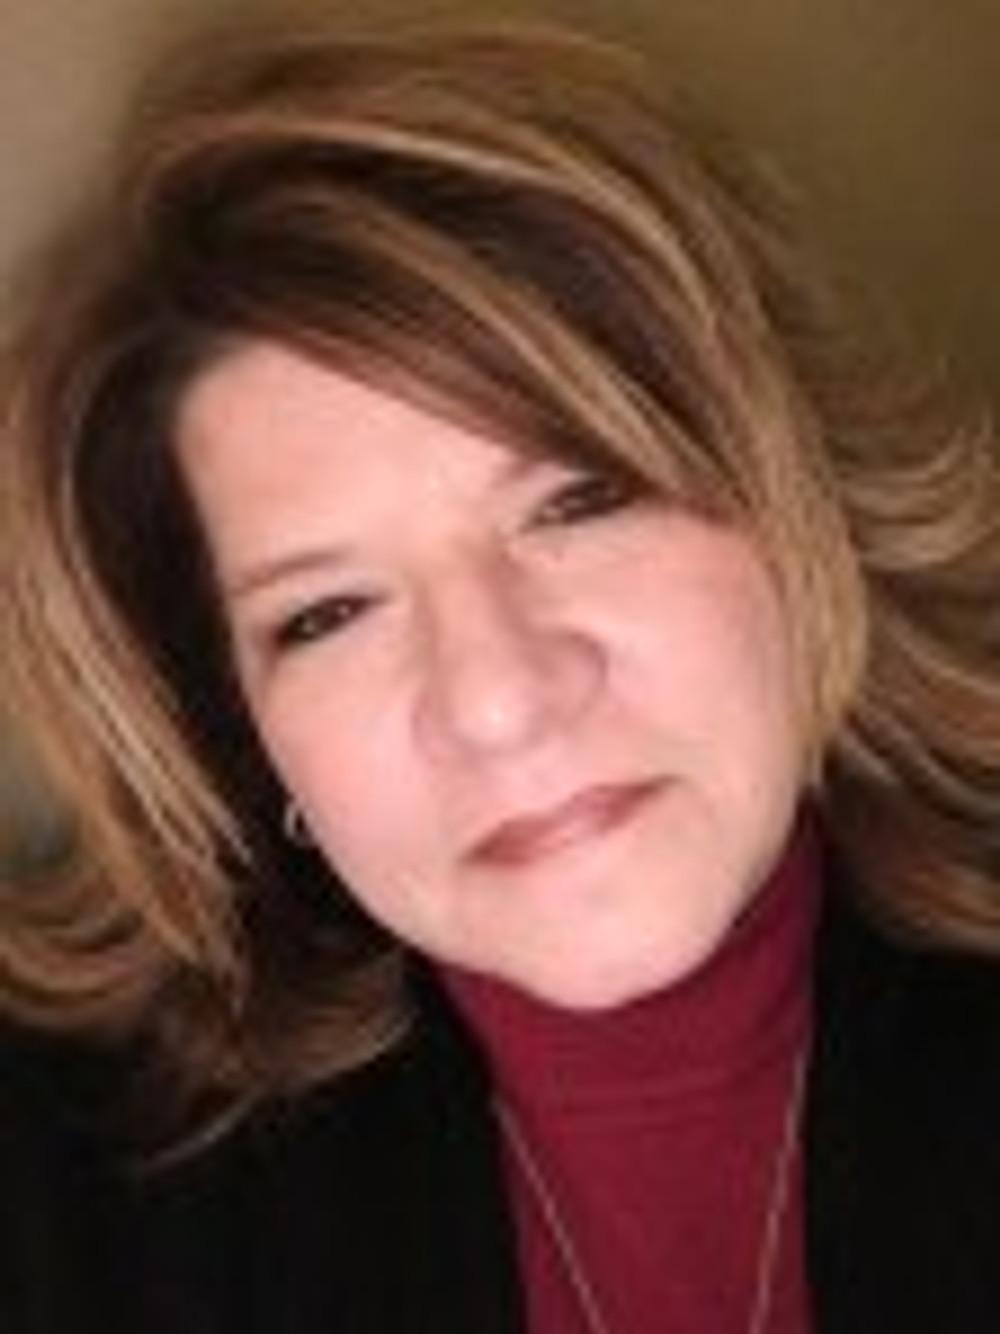 Lori profile pic